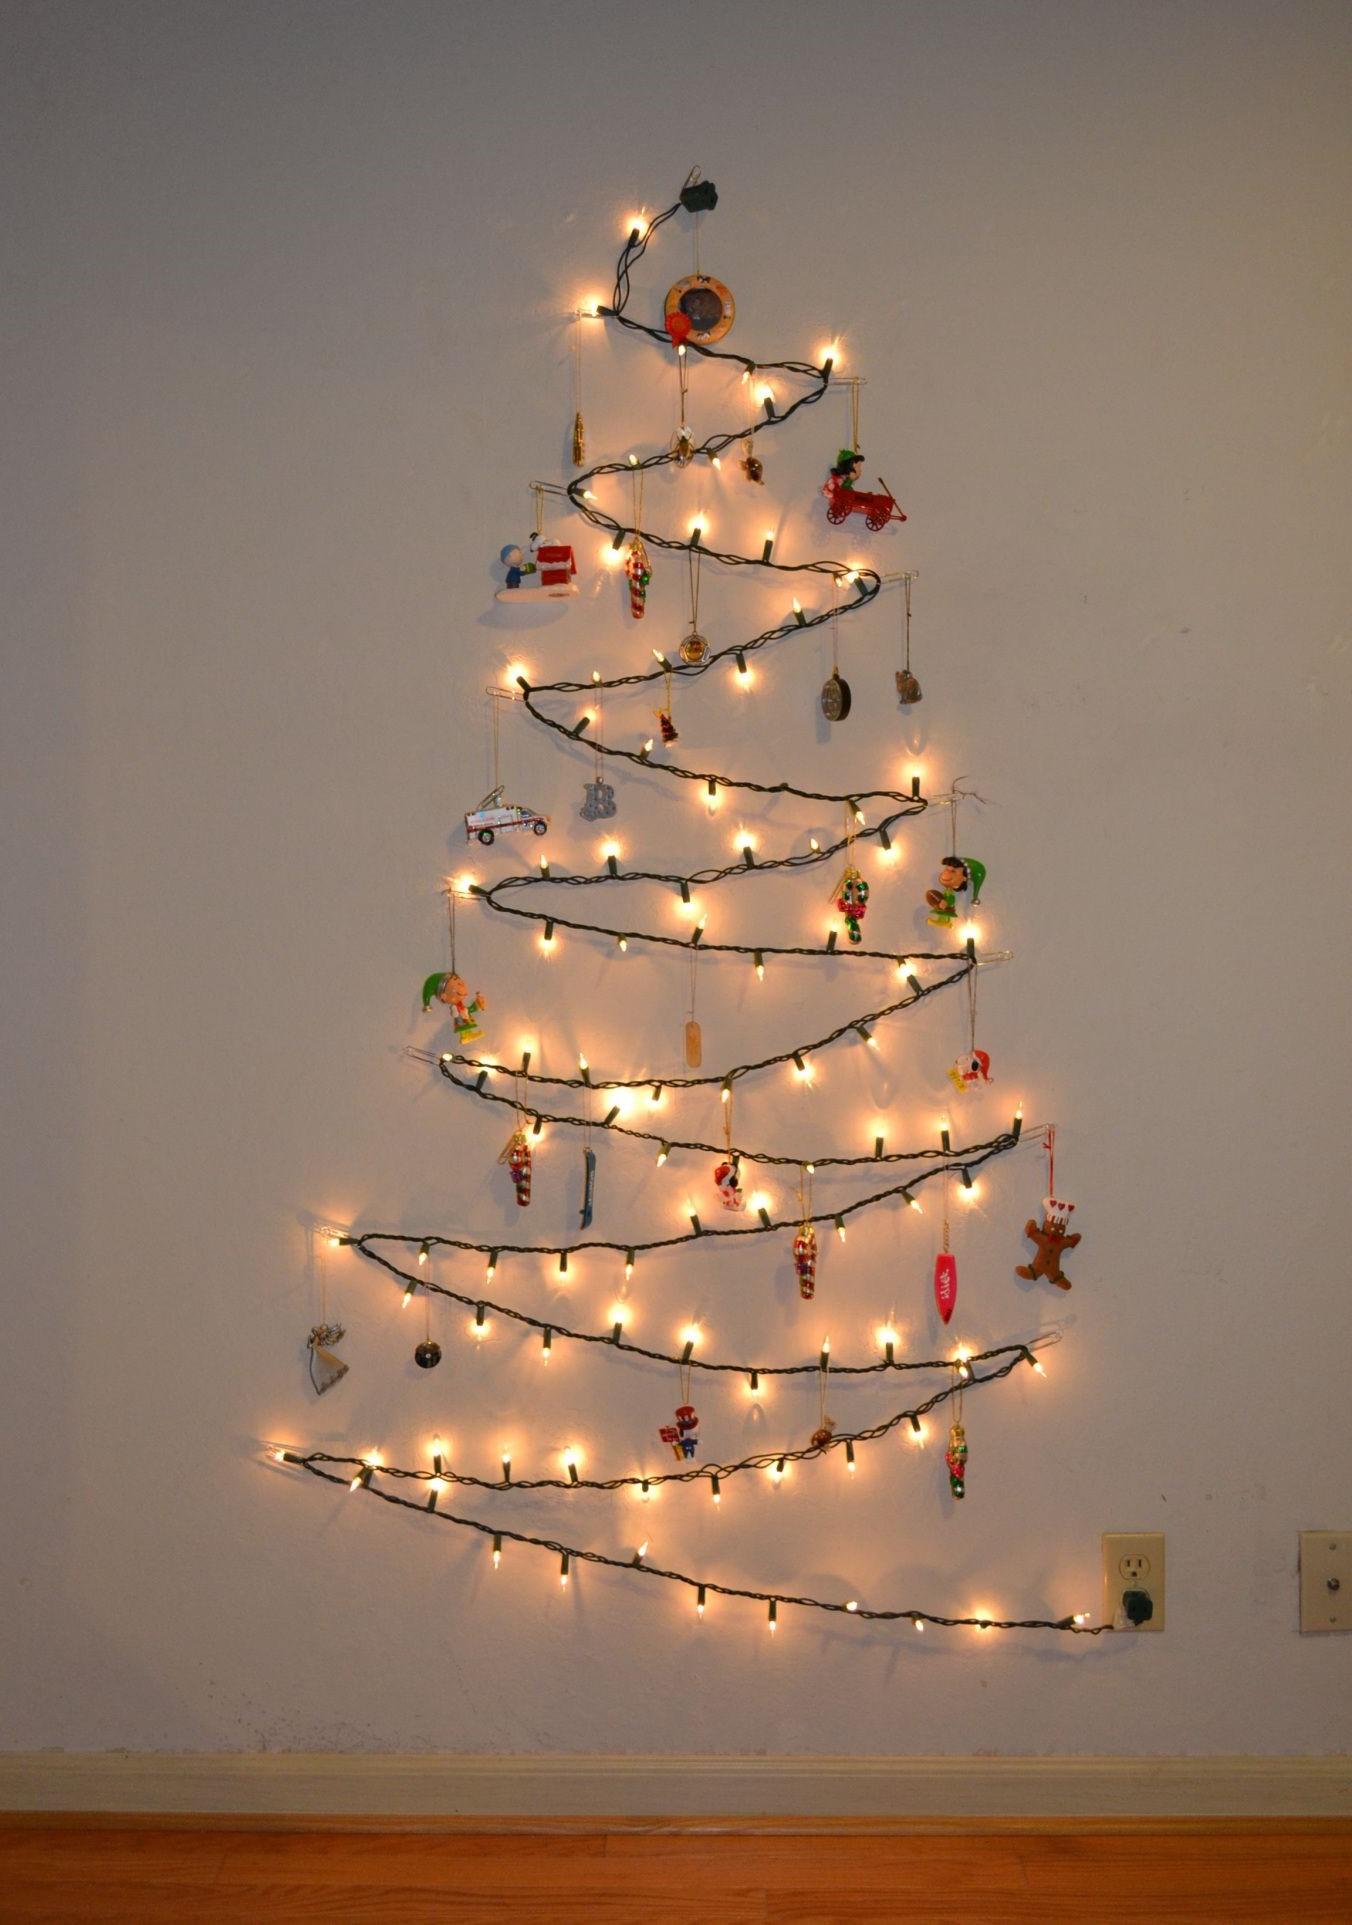 Si vous vivez dans une maison ou un appartement, vous pouvez décorer avec des lumières à l'extérieur, mais qu'en est-il si vous les avez sautées cette année?